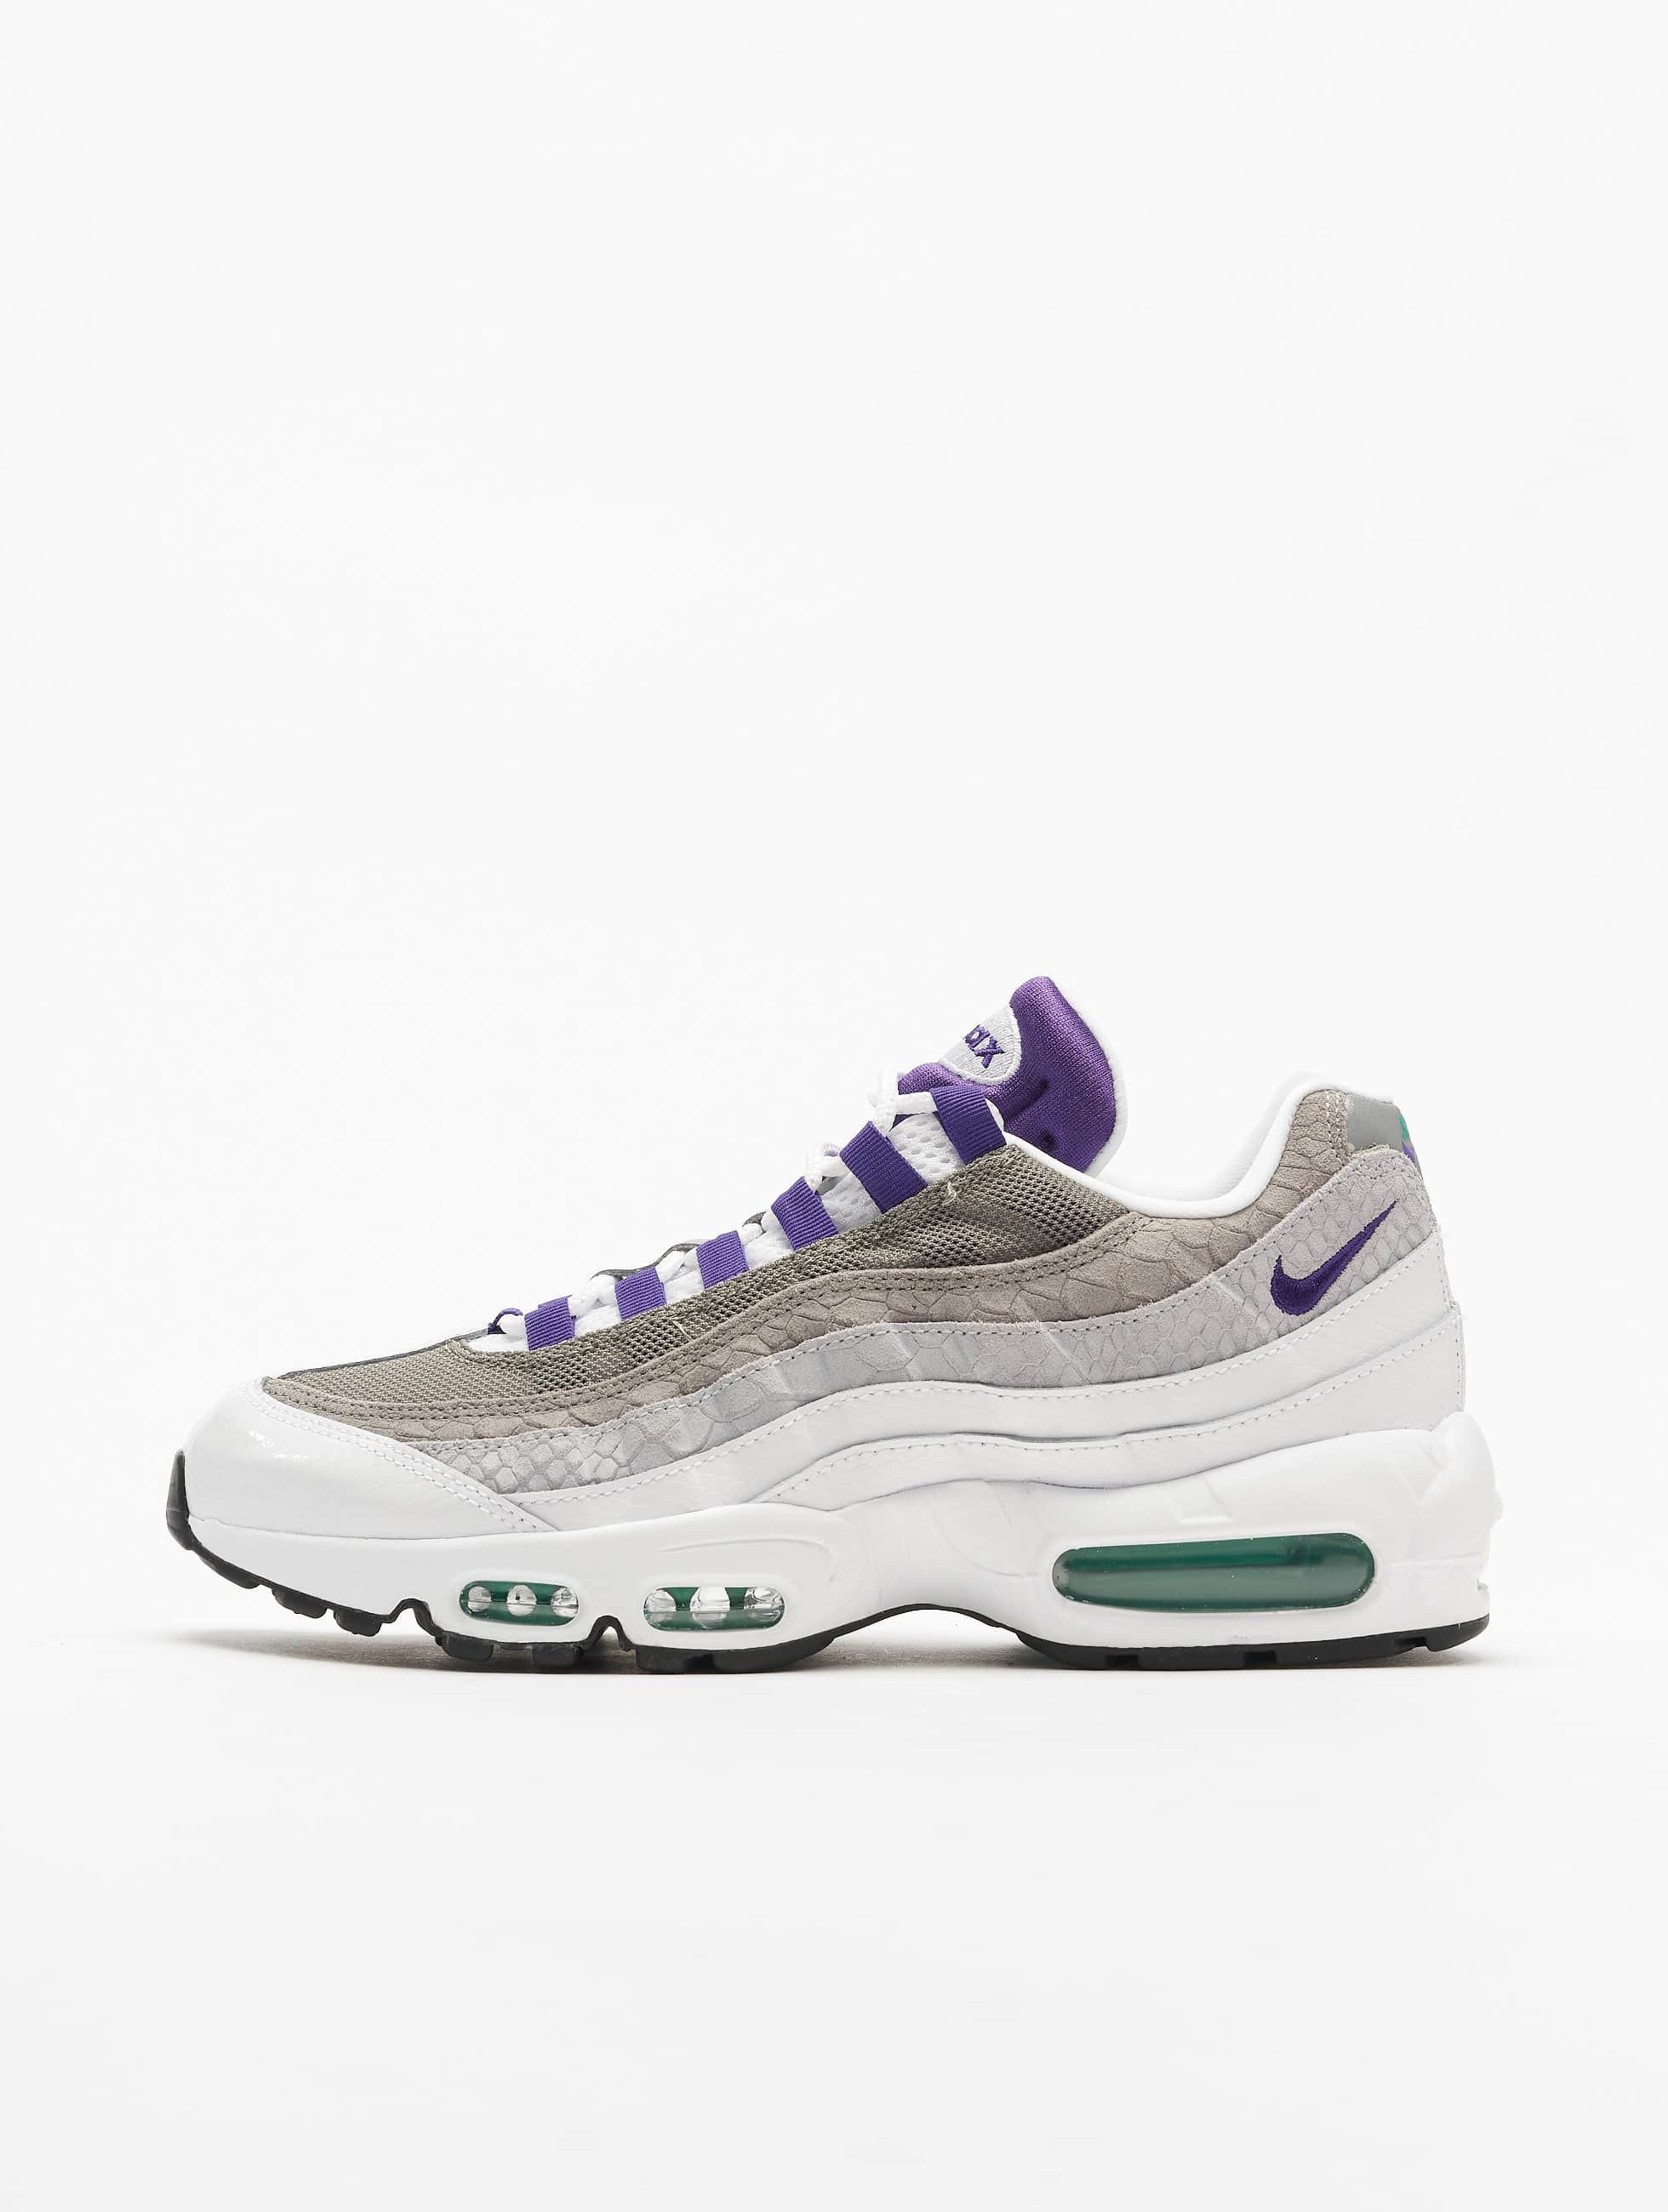 nike air max 95 purple grey hvid